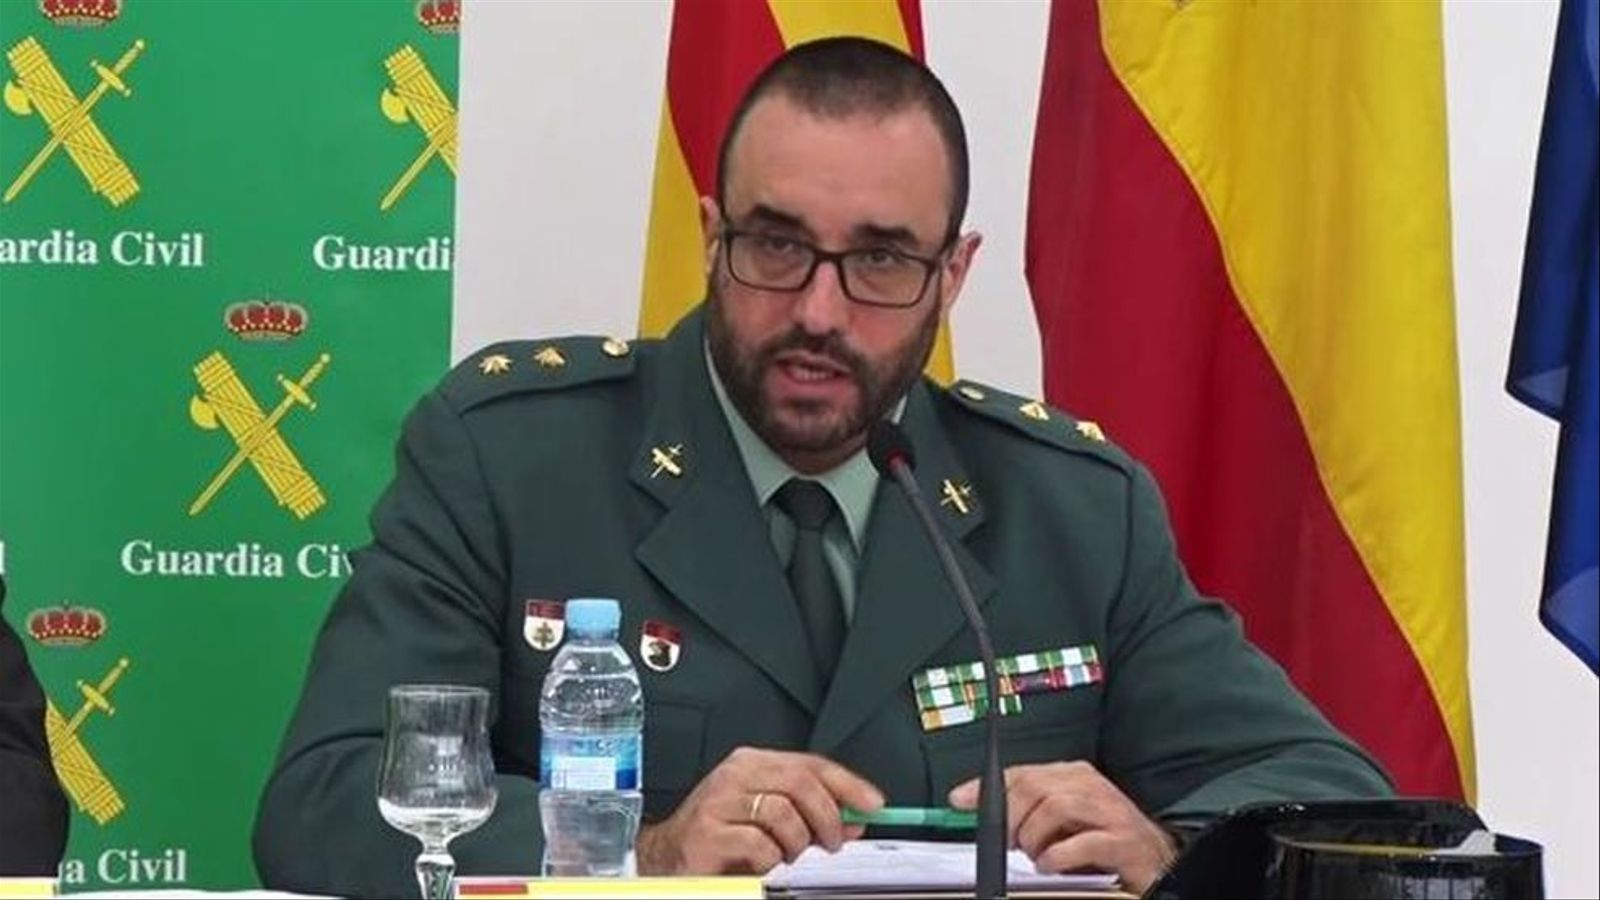 El guàrdia civil que investiga el Procés carrega a Twitter sota pseudònim contra polítics i Mossos